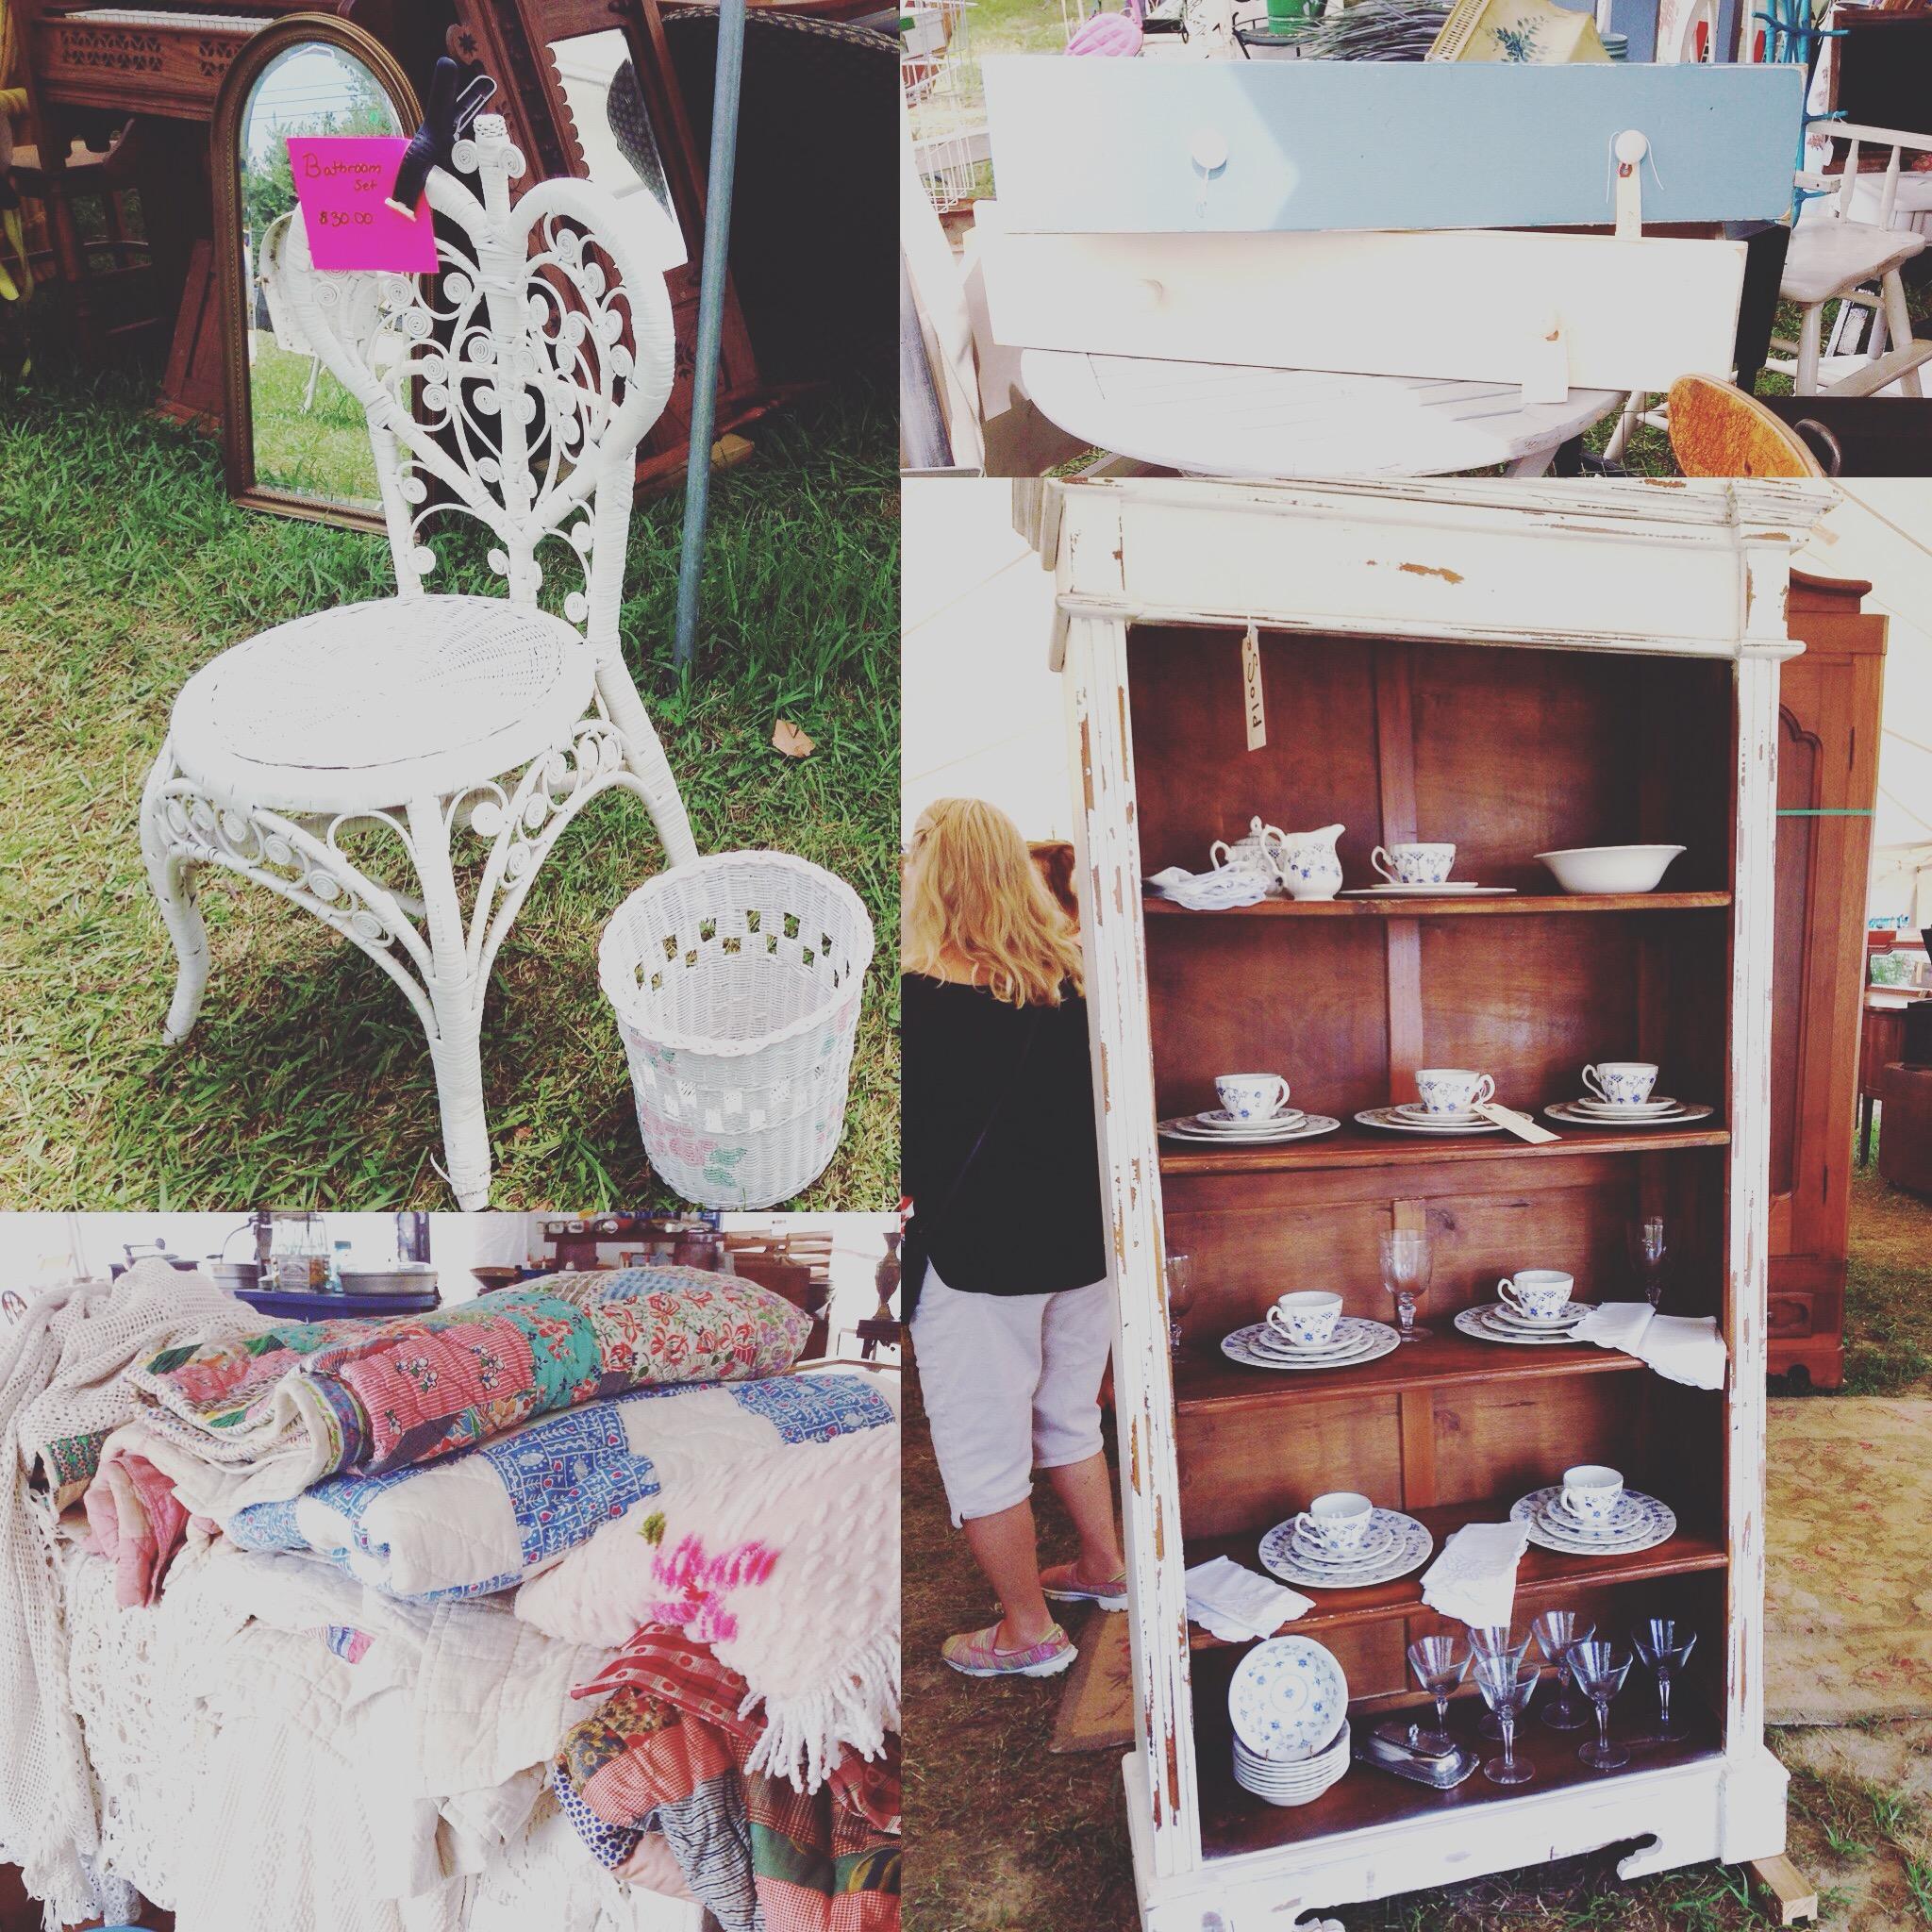 The World's Longest Yard Sale {Hwy 127 Yard Sale} – Craftivity Designs